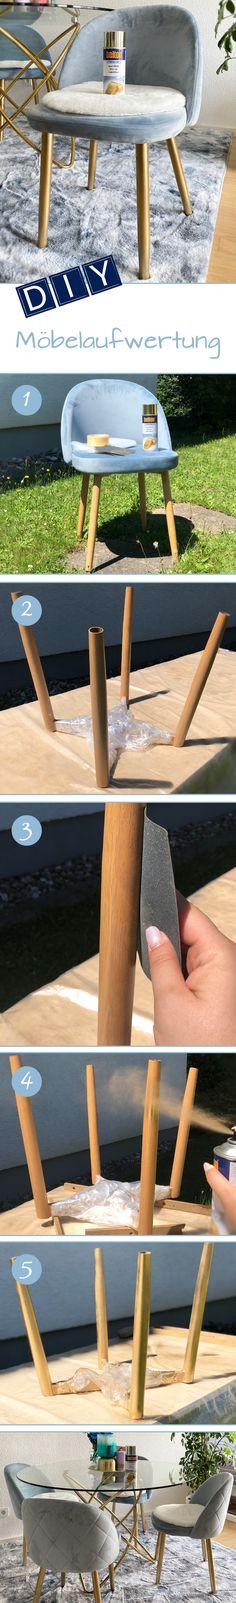 Für ein einheitliches Design müssen nicht gleich ganze Möbel ausgetauscht werden – manchmal reicht es schon, wenn man mit einem passenden Lackspray etwas nachhilft. So auch bei dieser Tisch/Stuhl-Kombo, bei der die Stuhlbeine mit belton Gold-Effekt dem Tisch angeglichen wurden. Dafür wurden die Stuhlbeine abgeschraubt, angeschliffen, gereinigt, dann sprühlackiert und zusammengebaut, Fertig! belton Produkte sind erhältlich in führenden Baumärkten wie OBI, Hagebau, Globus, Stabilo und V-Baumarkt. Spray Paint Projects, Diy Spray Paint, Outdoor Sofa, Outdoor Furniture, Outdoor Decor, Obi, Wishbone Chair, Painting, Globe